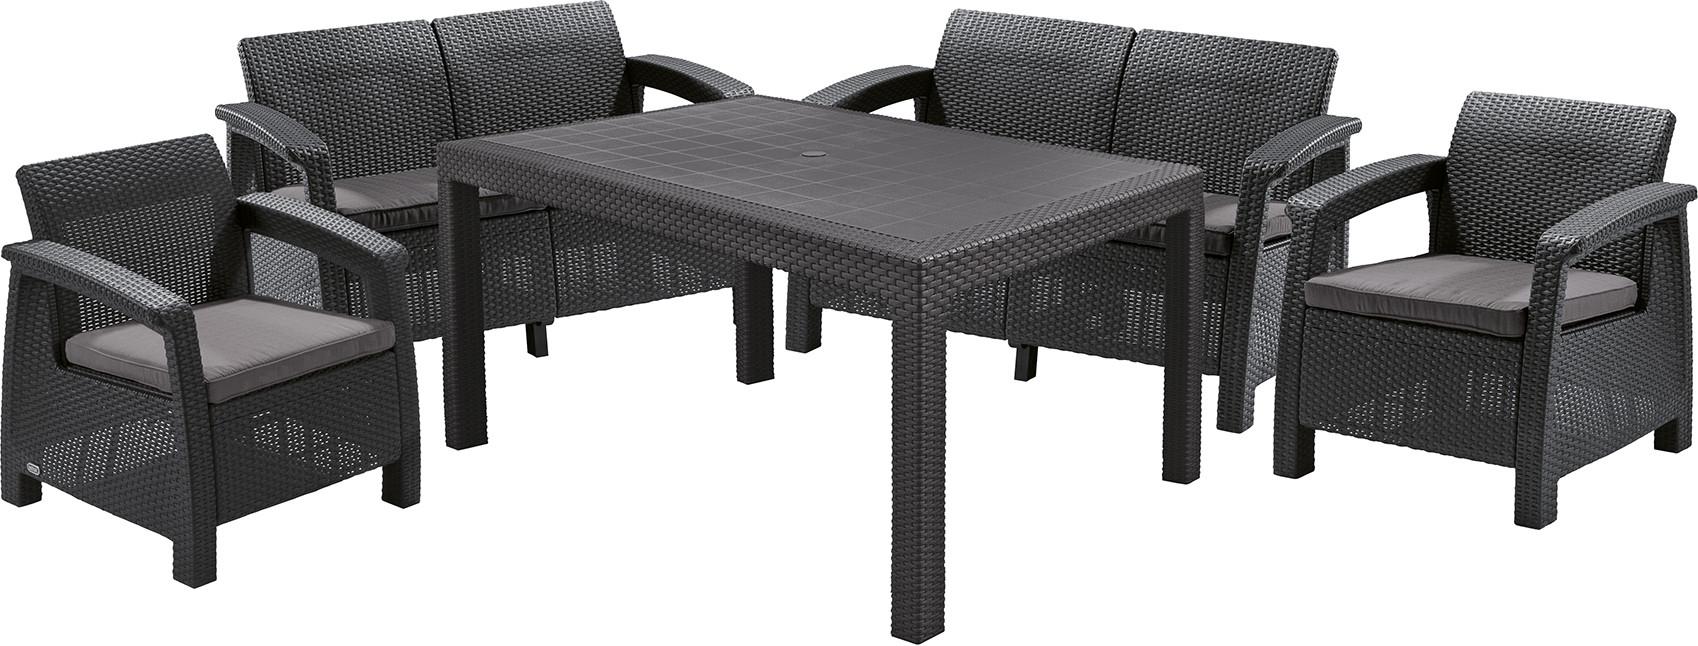 Комплект мебели Allibert Corfu Fiesta графитовый/серый